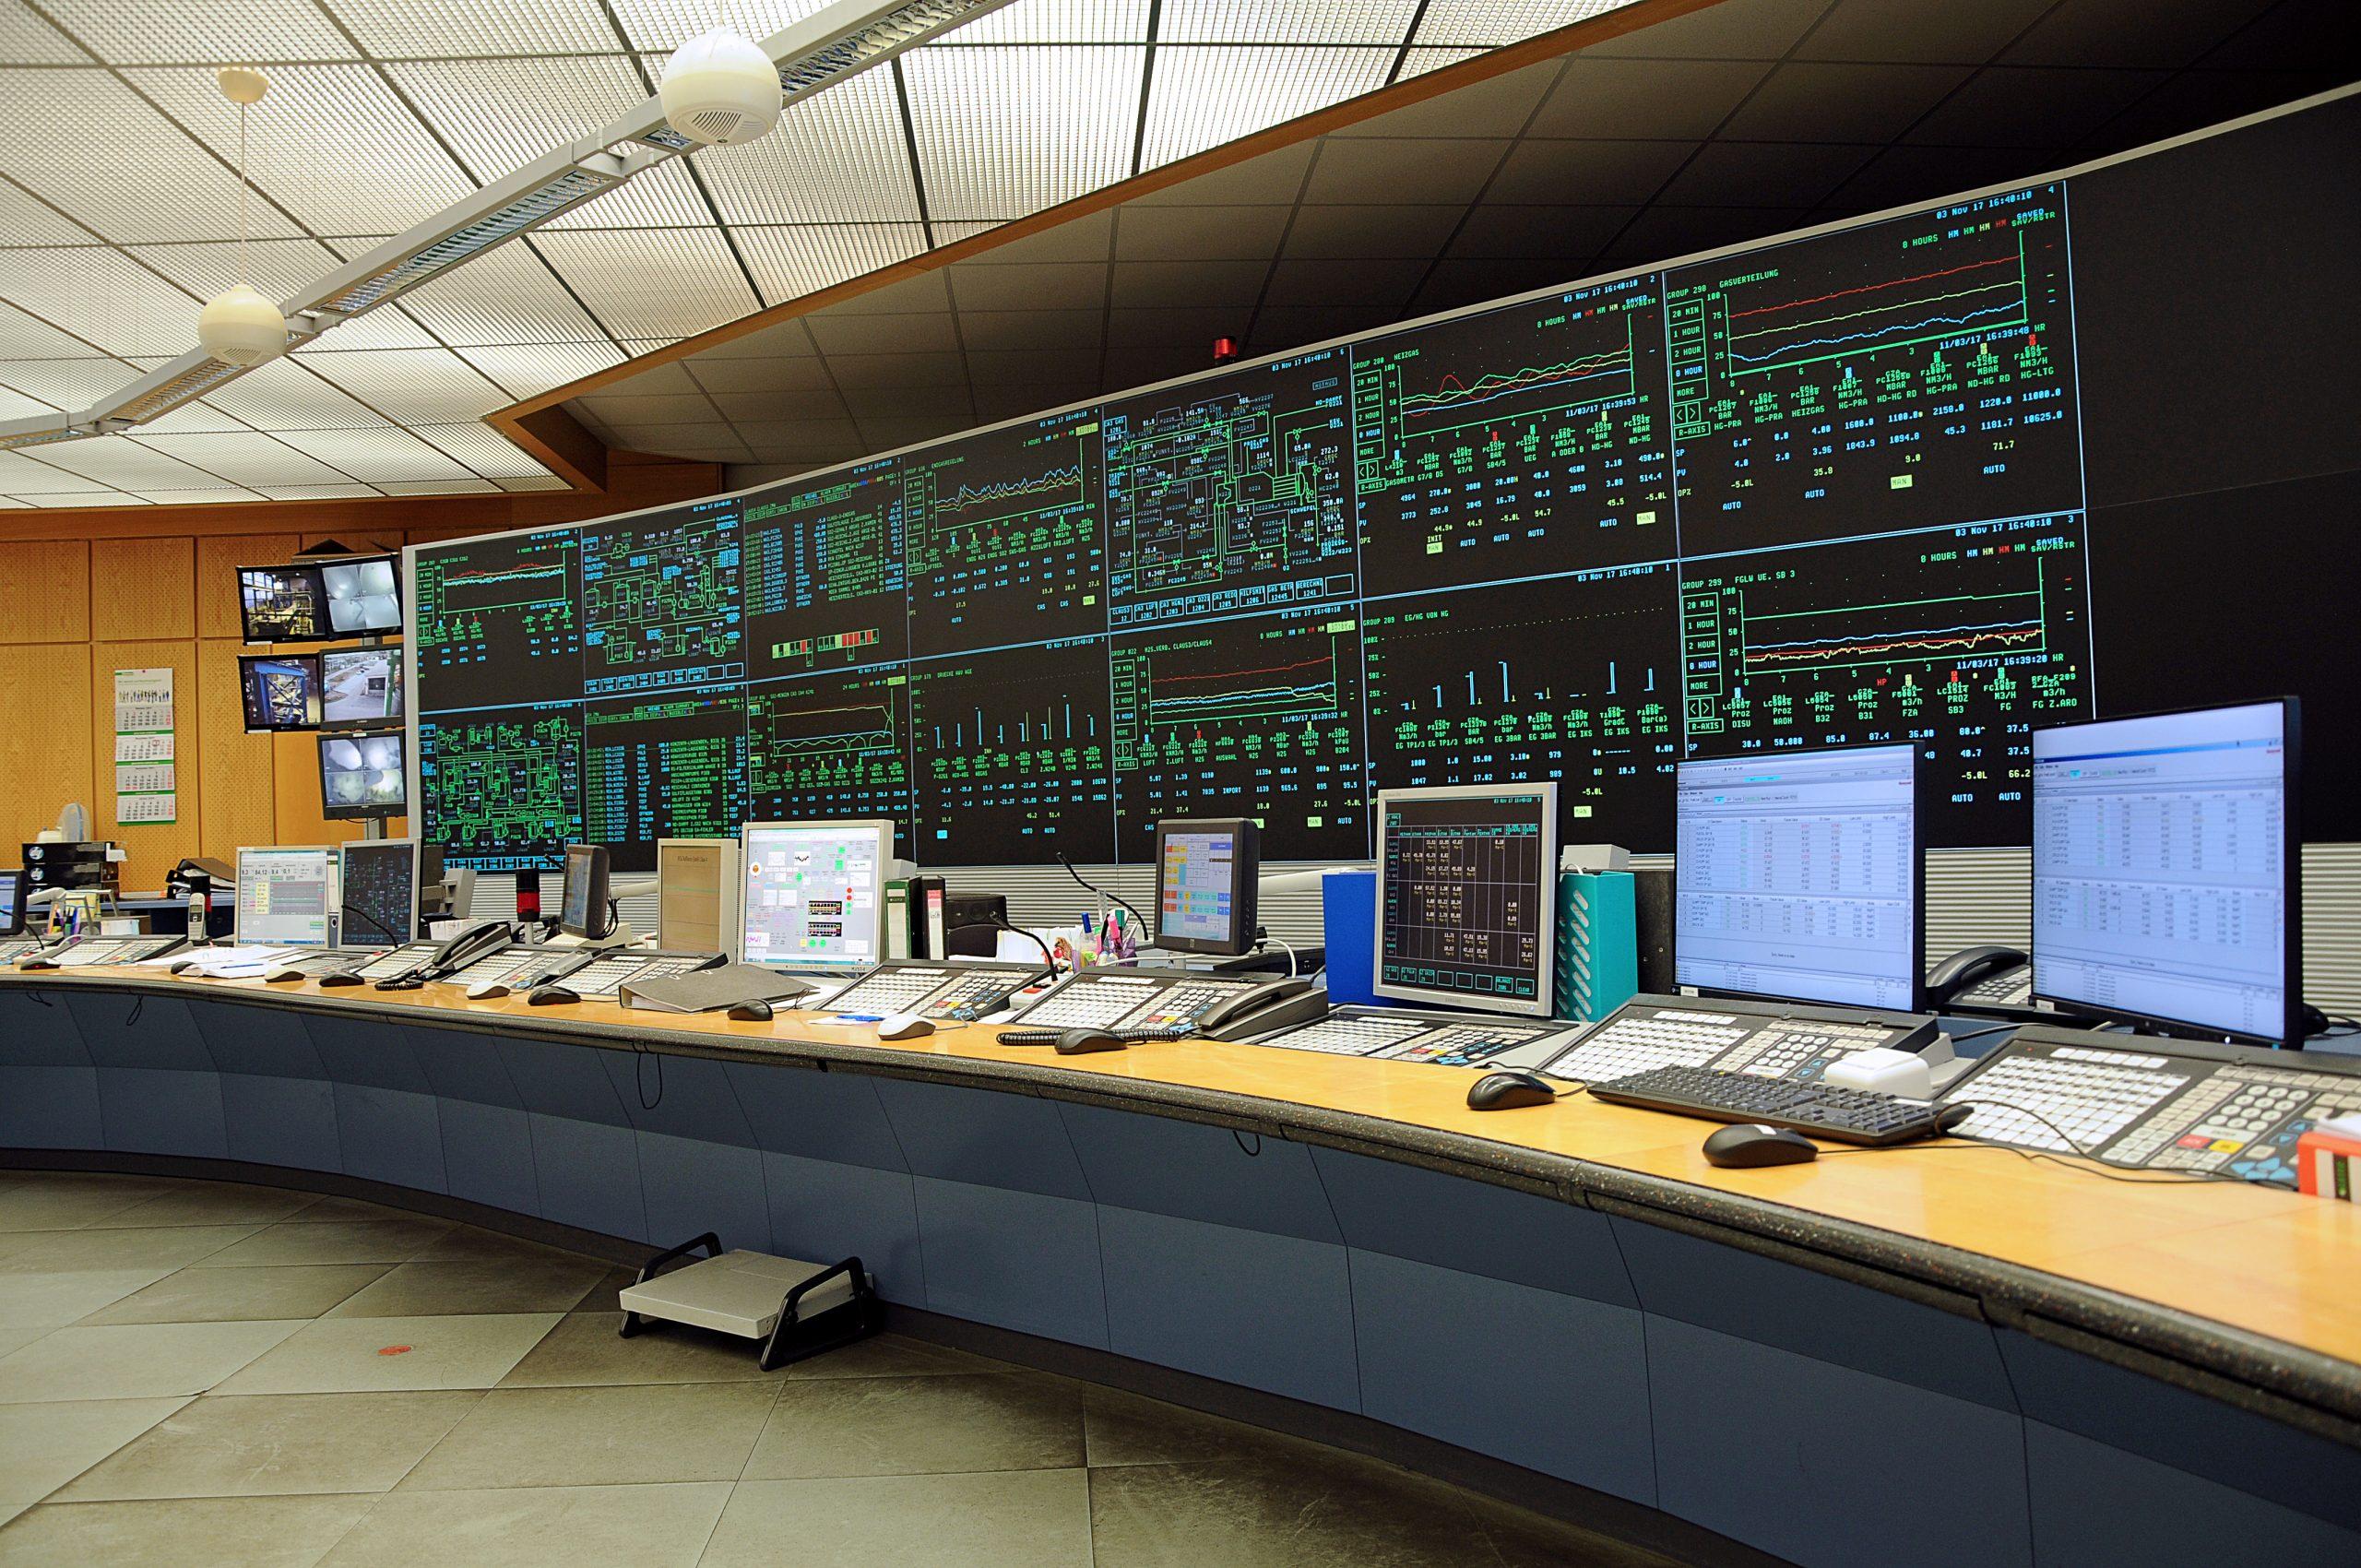 Bis April 2016 wurden alle Produktionsanlagen über eine zentrale Messwarte aus dem Jahr 1993 überwacht und gesteuert, die im Laufe der Zeit jedoch zu klein geworden war. (Bild: Jungmann Systemtechnik GmbH & Co. KG)